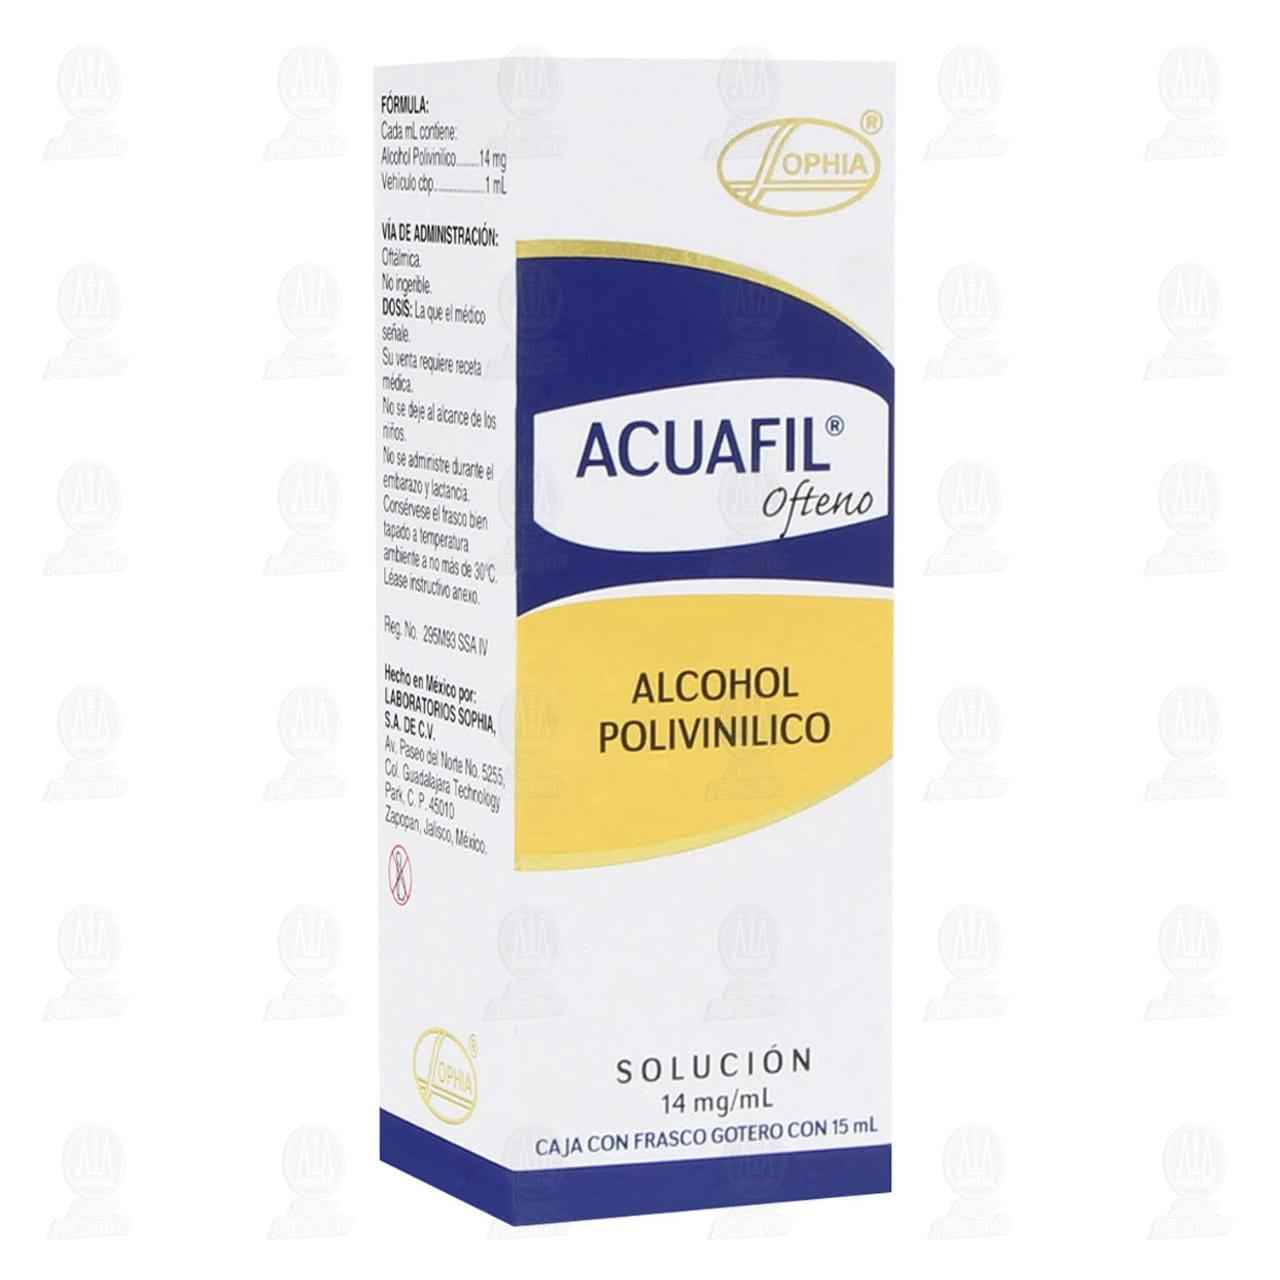 Comprar Acuafil Ofteno 14mg/ml 15ml Solución Gotas en Farmacias Guadalajara